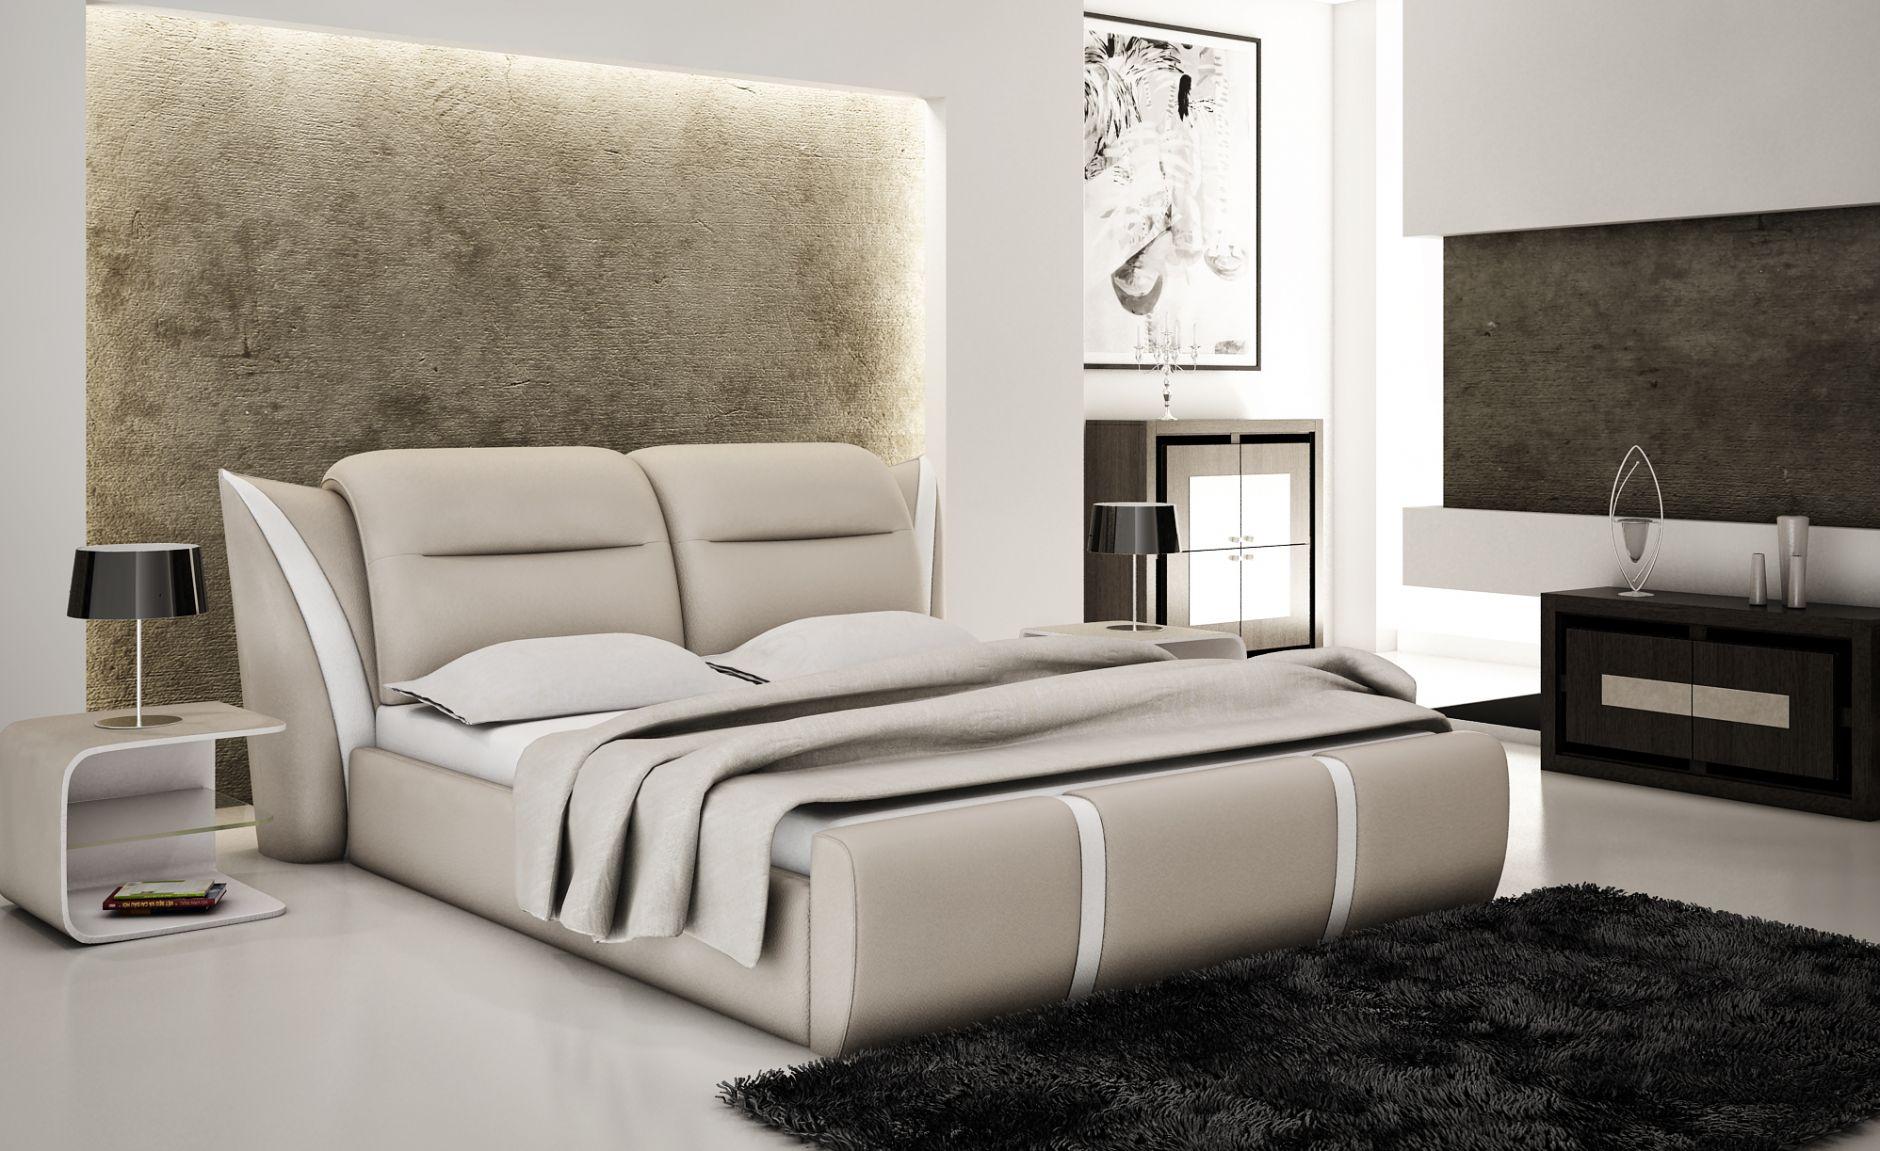 Modele chambre a coucher for Modele de decoration de chambre adulte